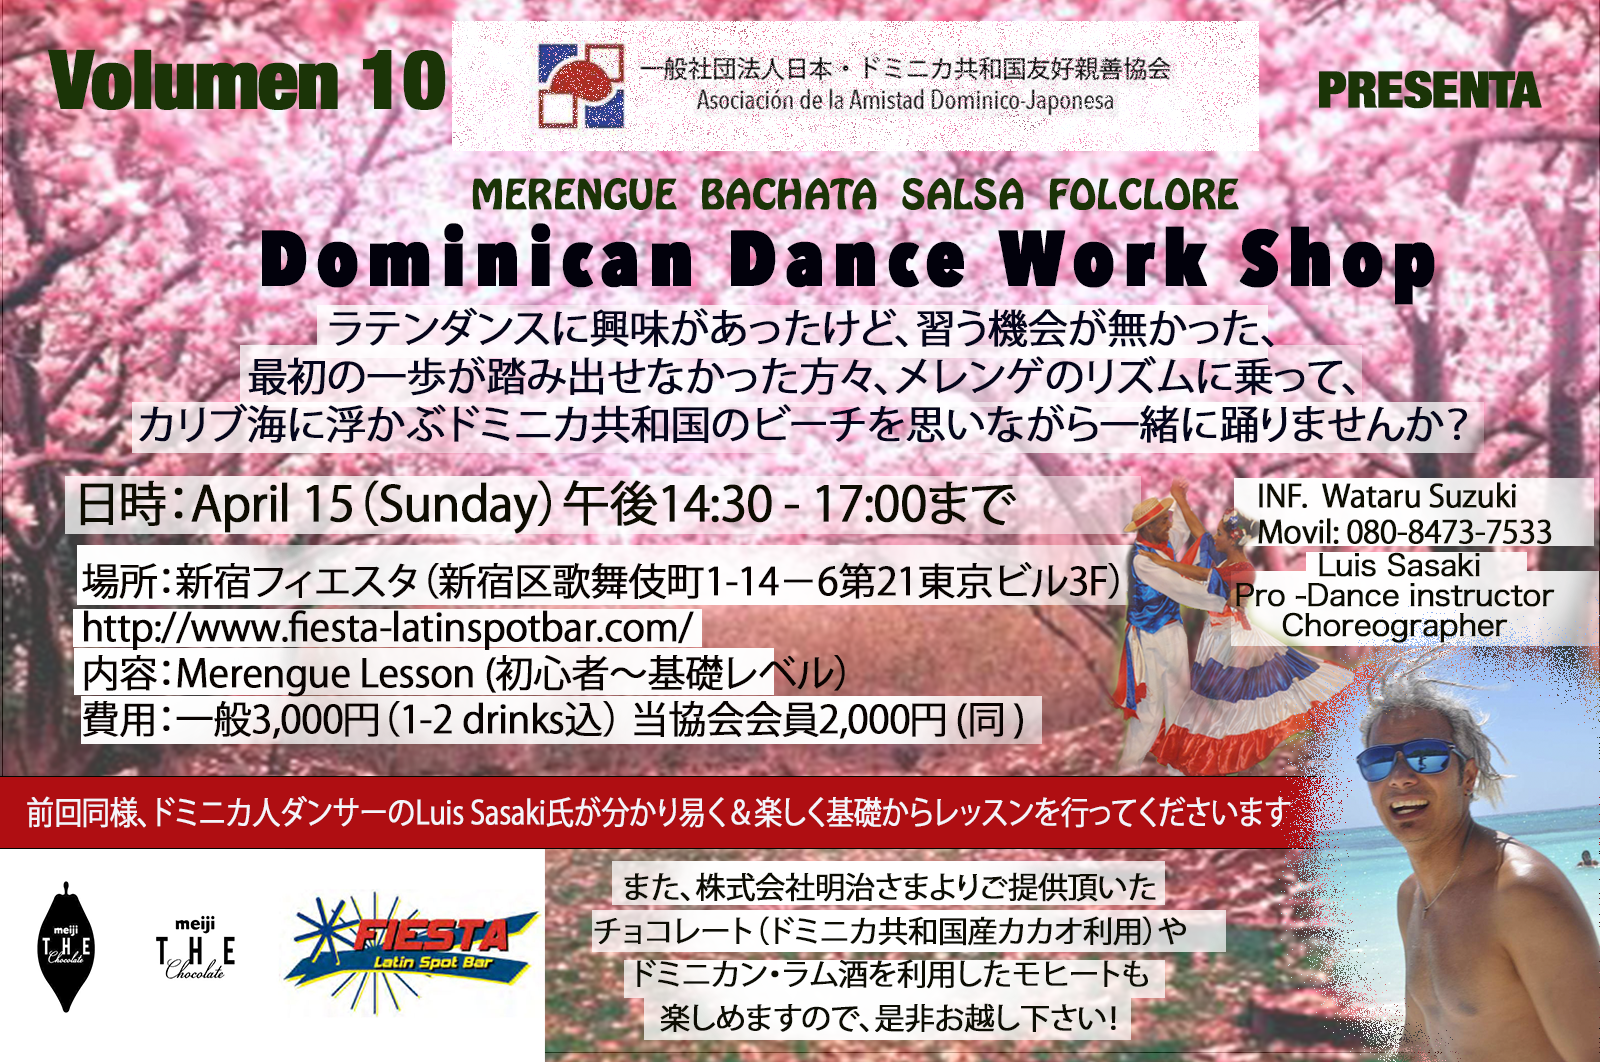 第十回ドミニカンダンス・ワークショップ開催のお知らせ! (¡El décimo taller de baile dominicano!)